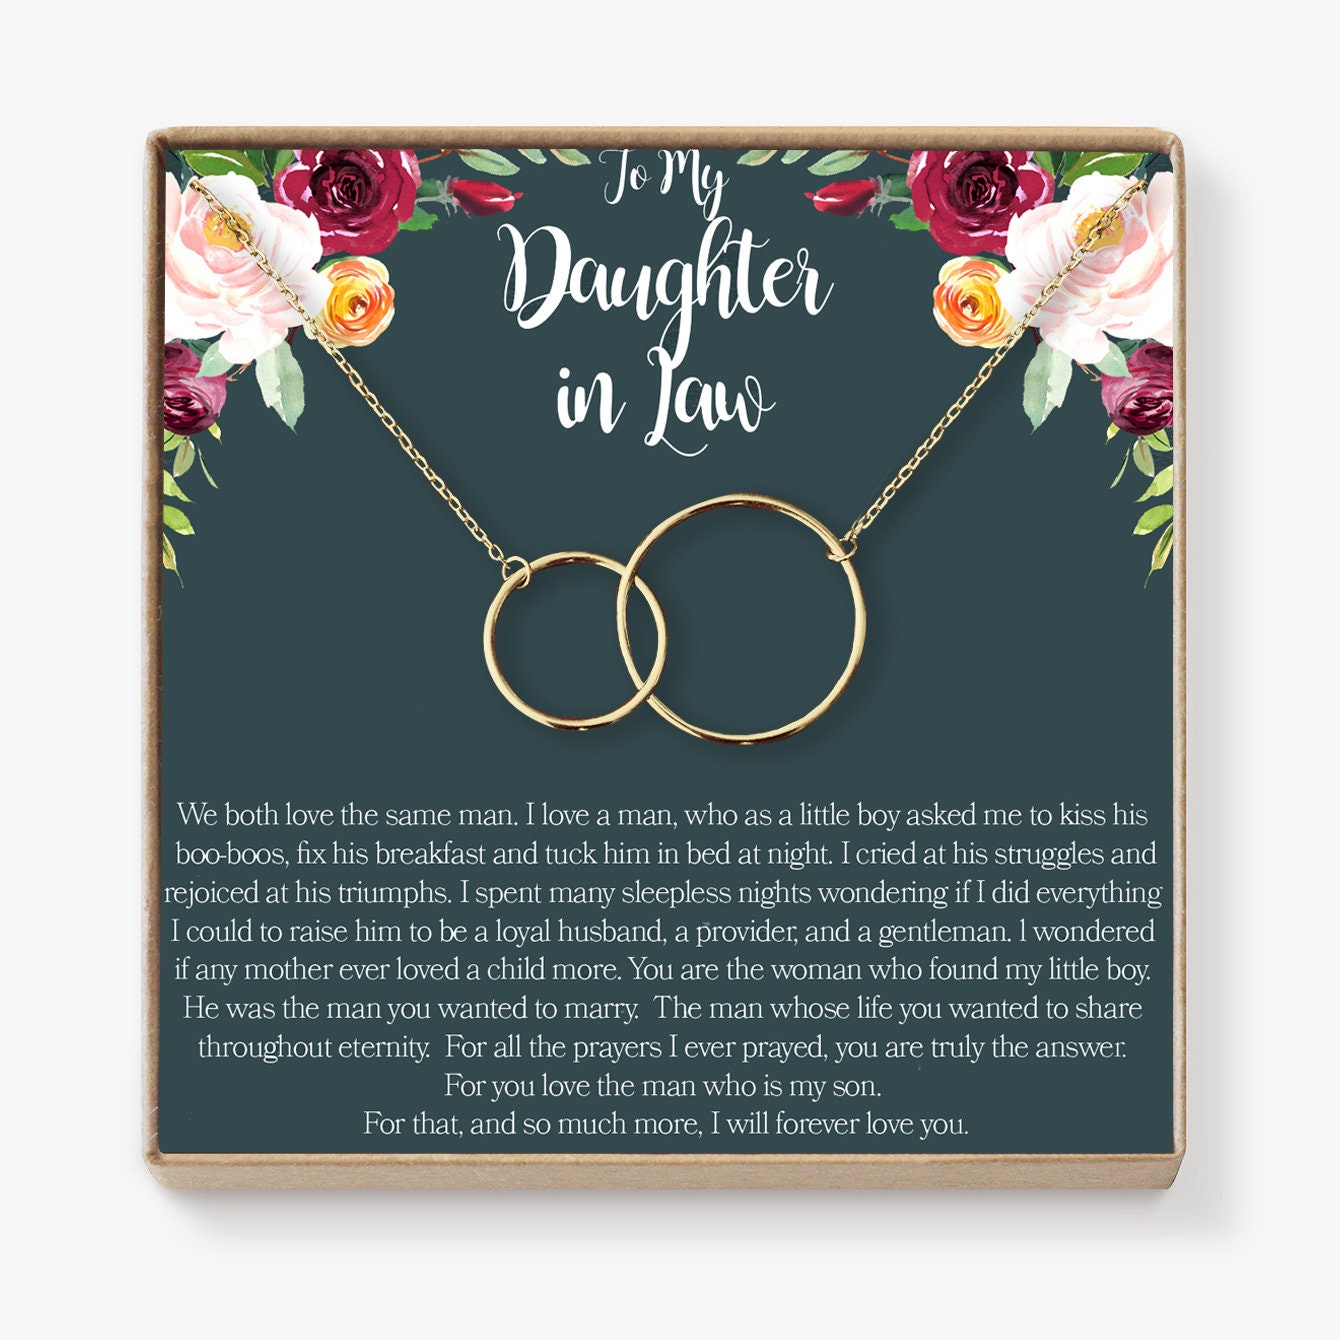 Schwiegertochter Geschenk Halskette: Hochzeitsgeschenk   Etsy